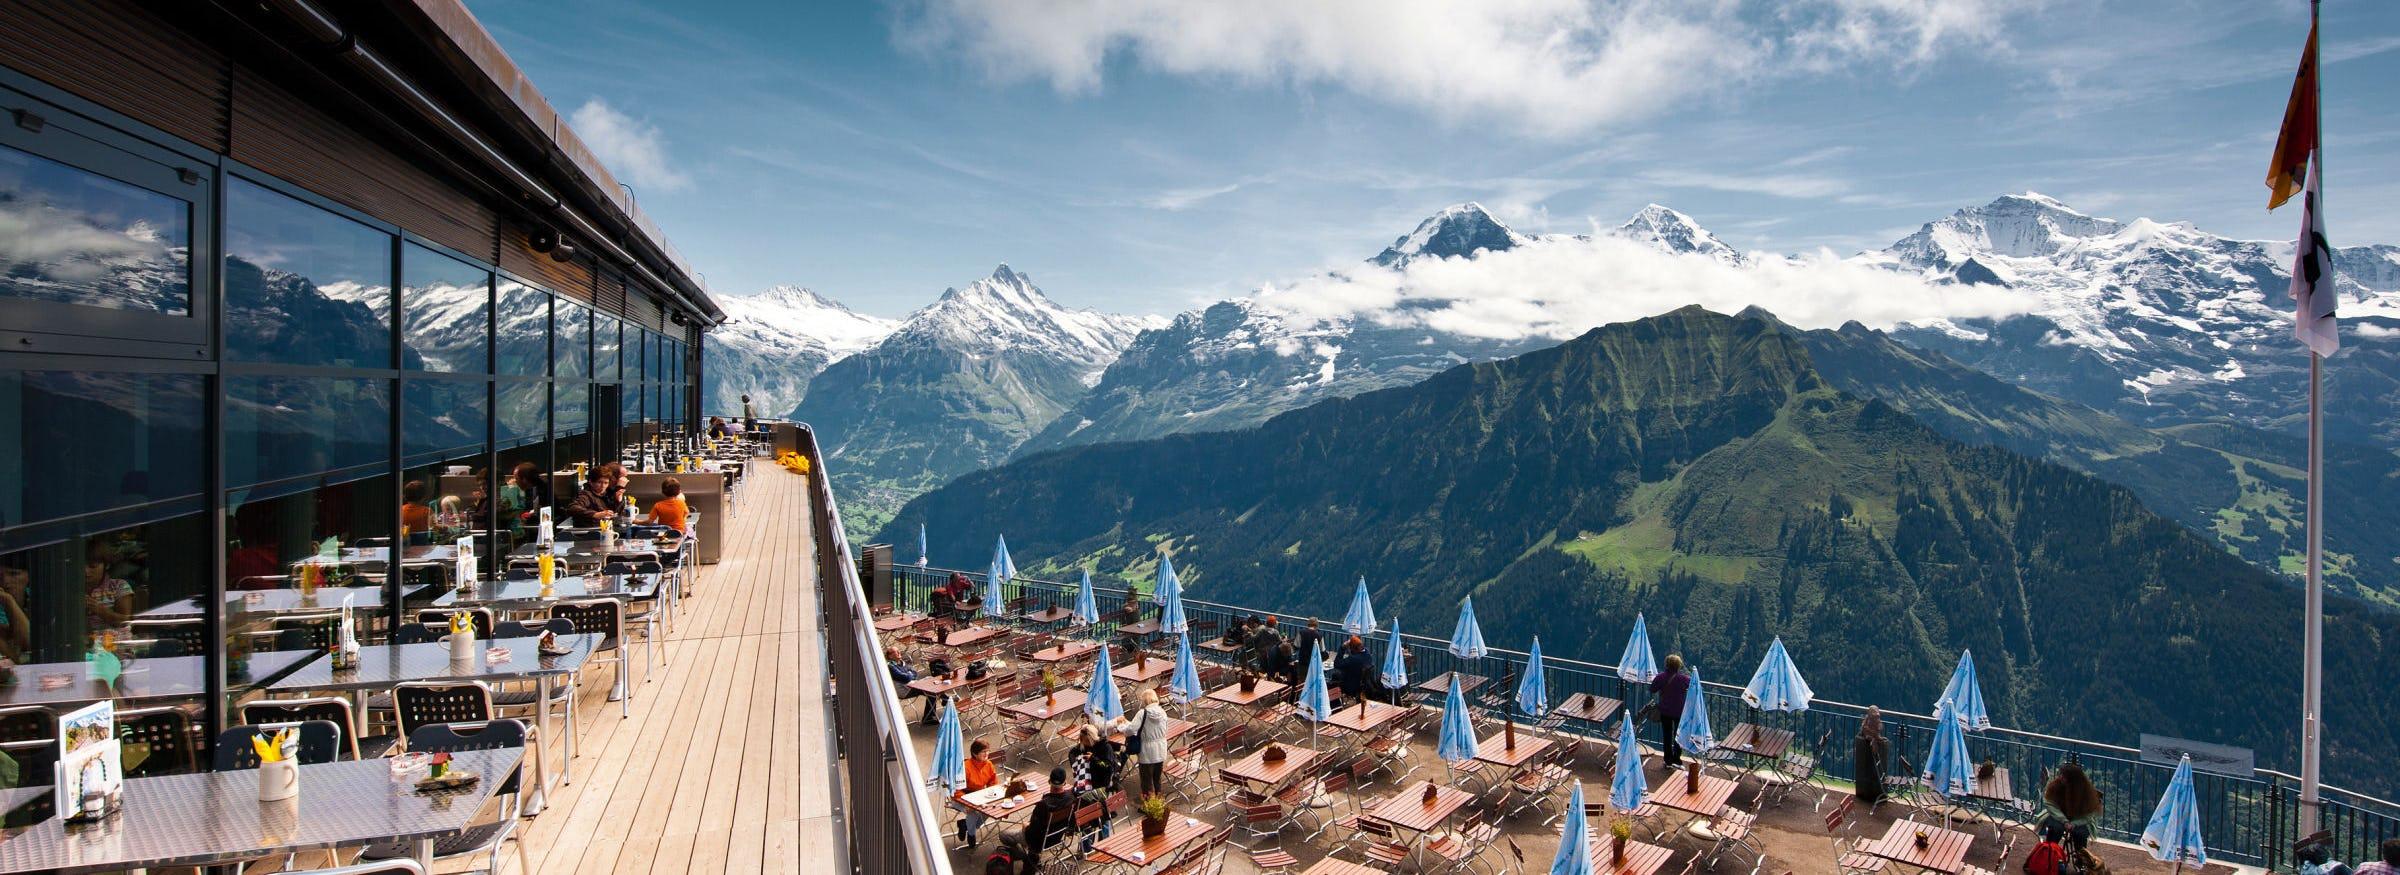 Bergrestaurant schynige platte terrasse 03